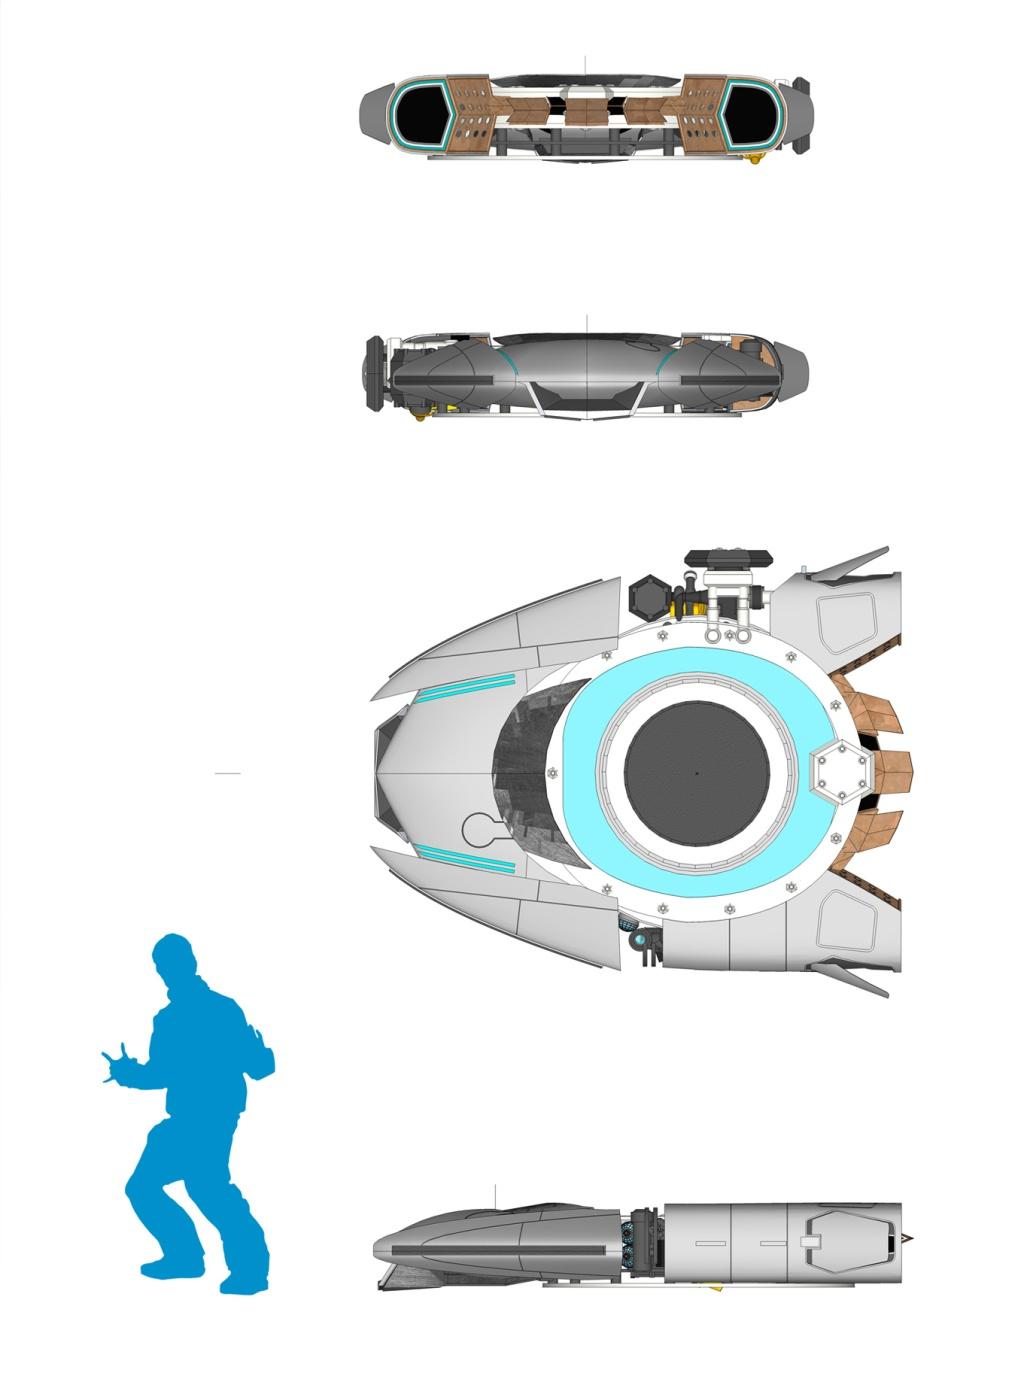 schematics of final design